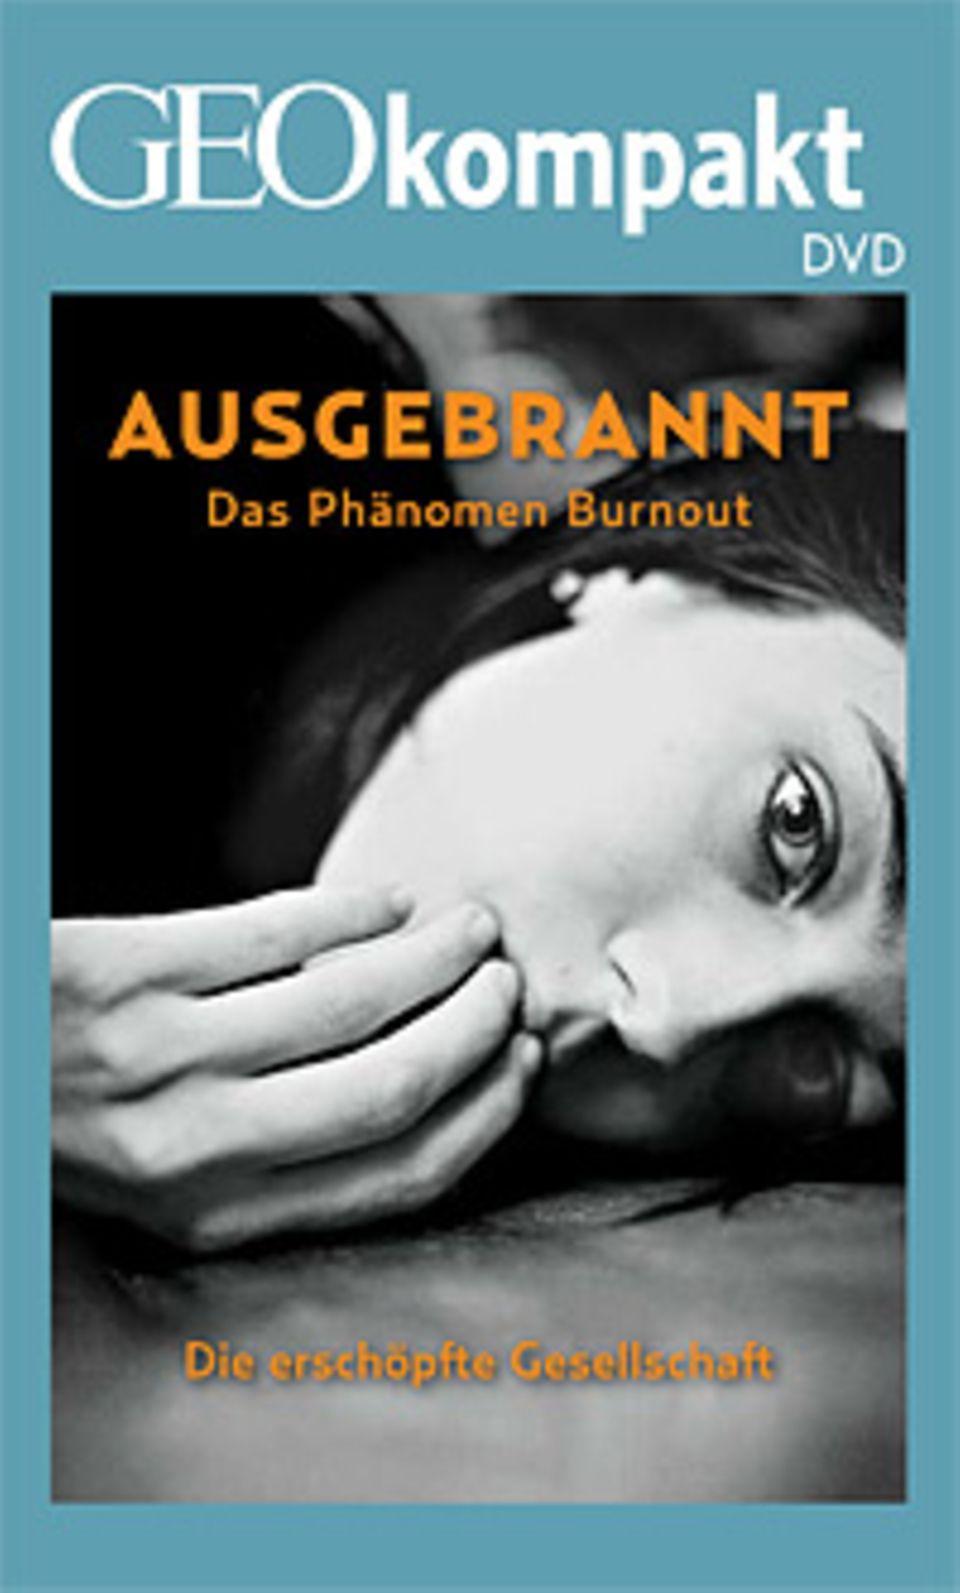 """Burnout: GEOkompakt Nr. 40 """"Wege aus dem Stress"""" ist auch mit DVD erhältlich"""